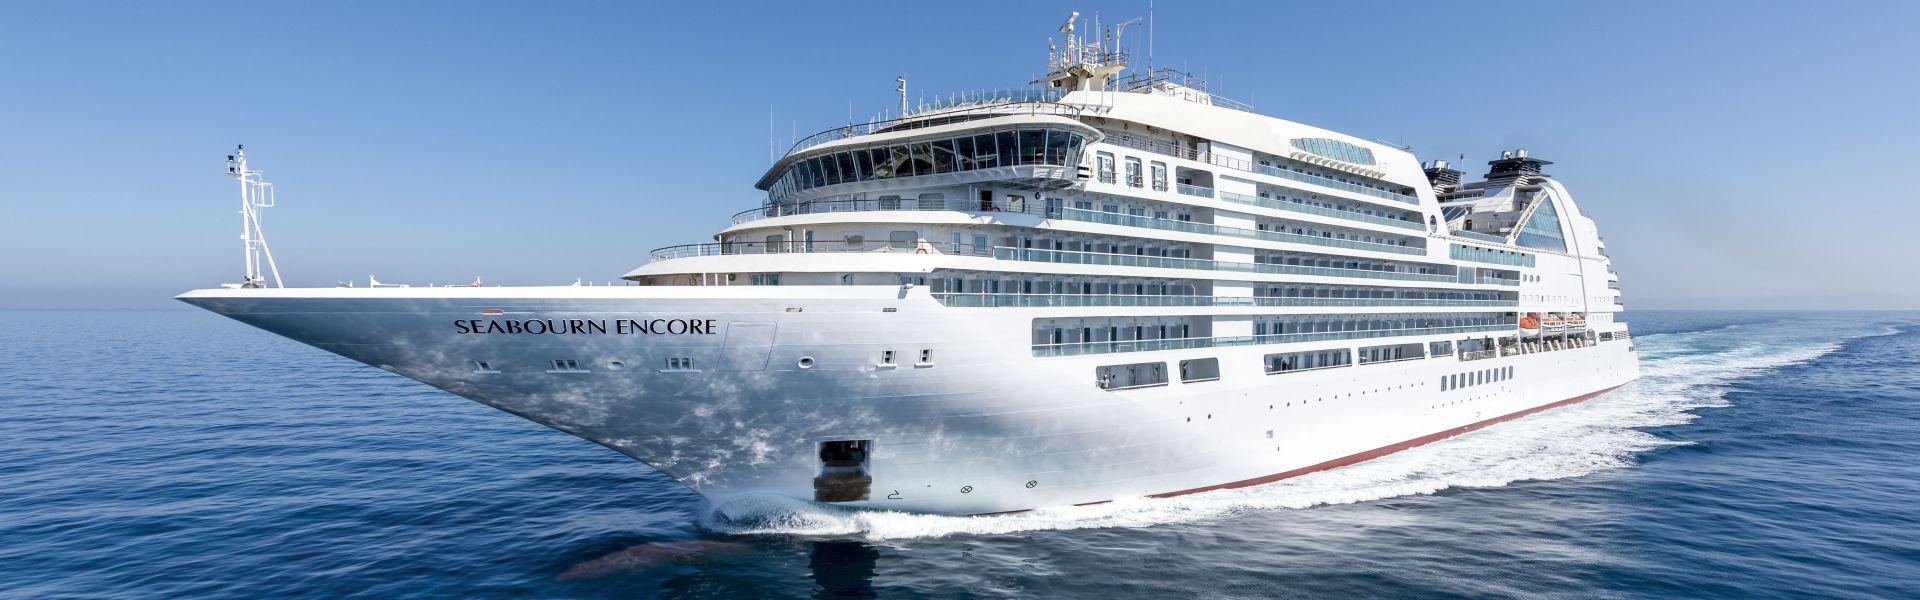 Croaziera 2017 - Mediterana de Est ( Civitavecchia ) - Seabourn - Seabourn Encore - 21 nopti